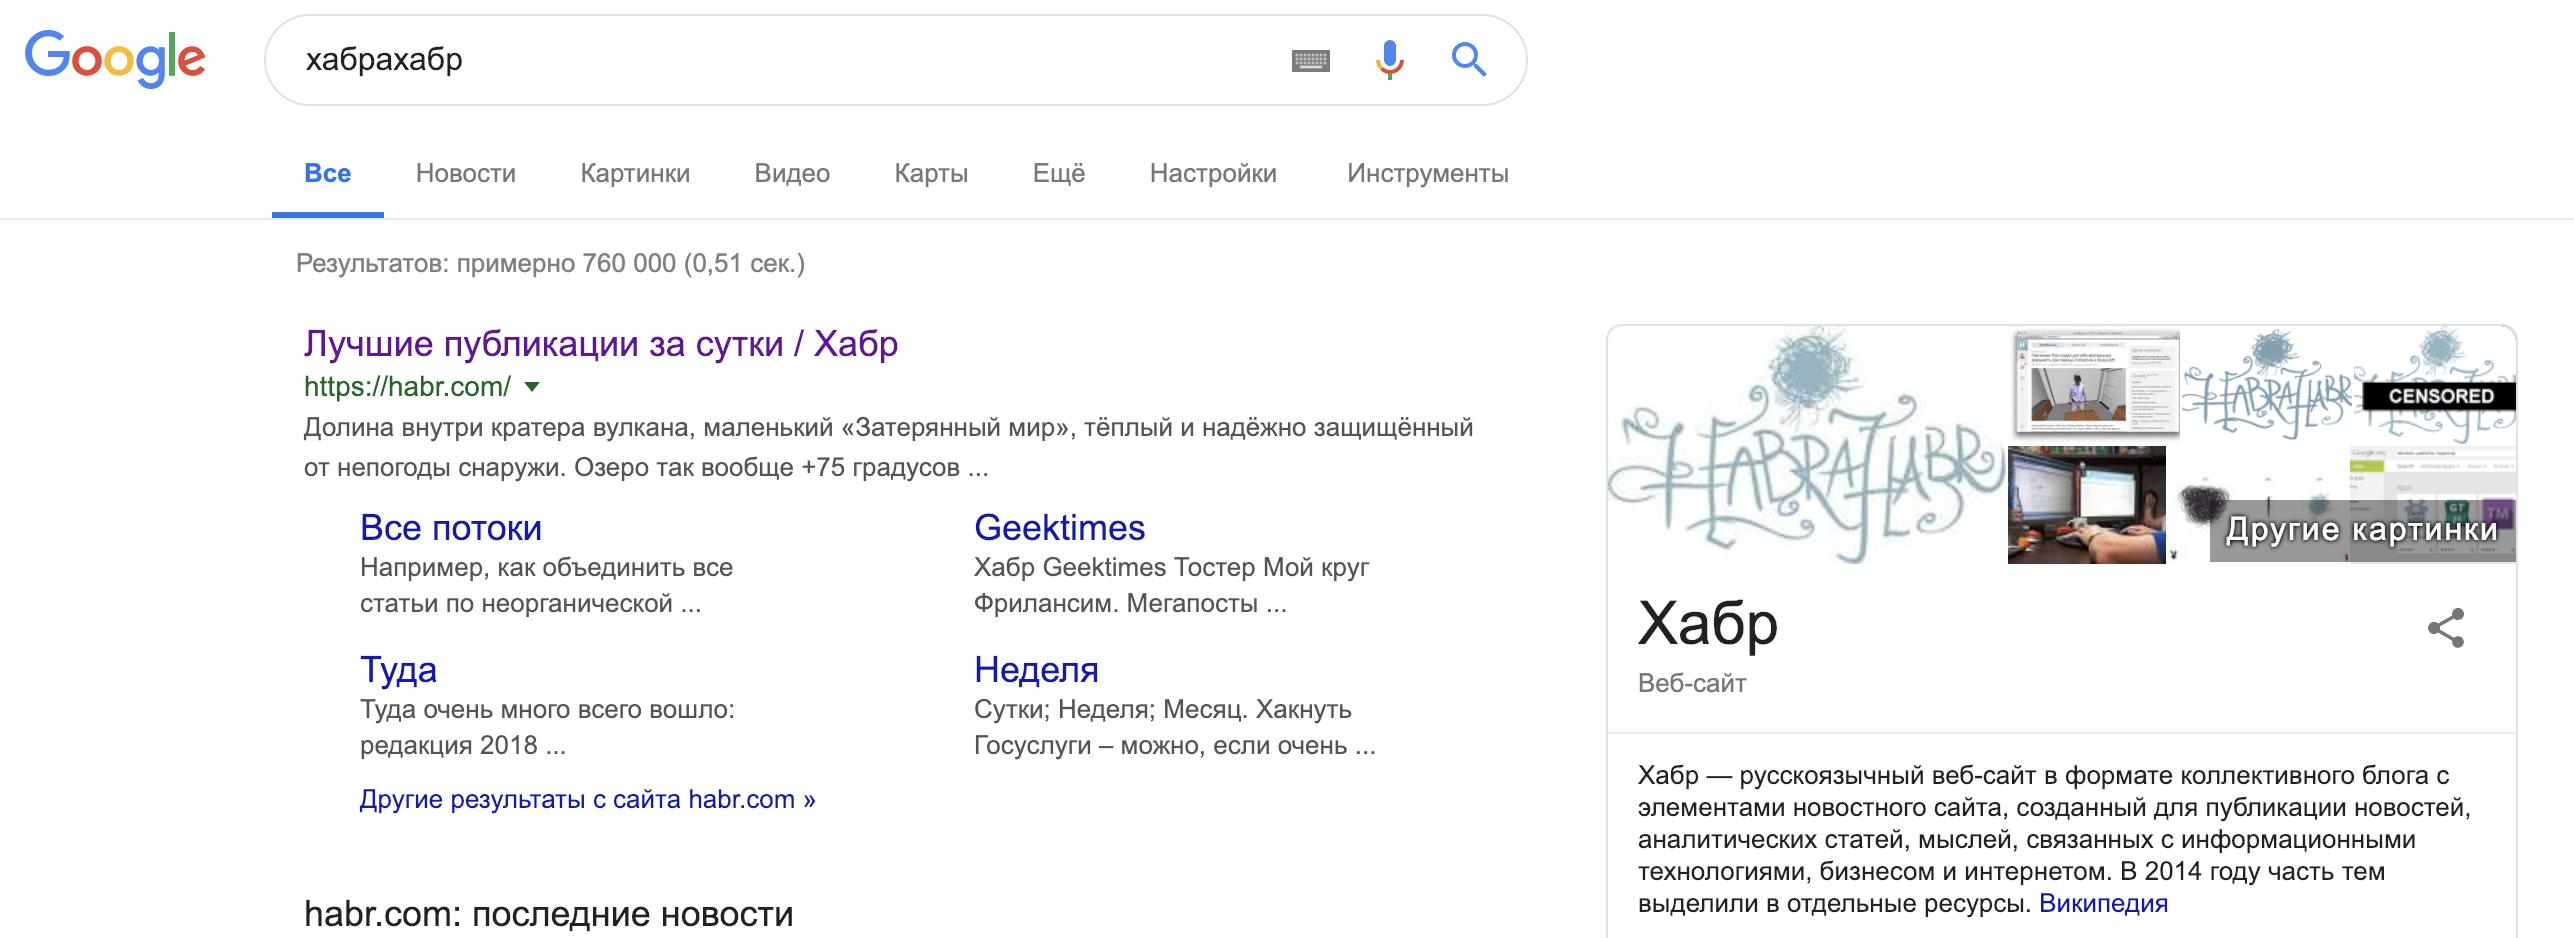 Подмена поисковой выдачи Google - 2